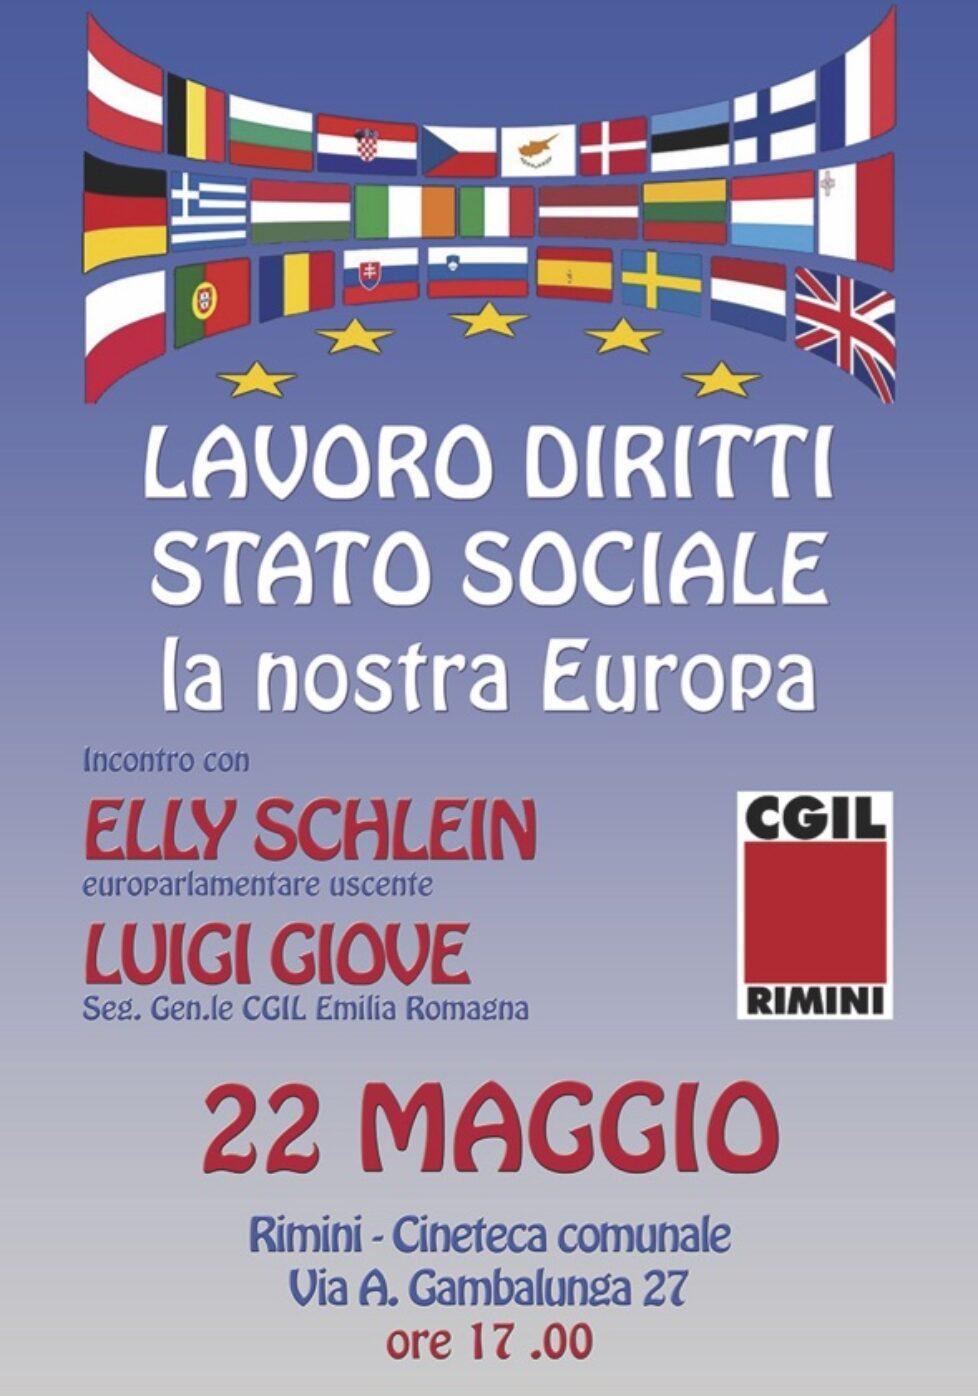 LAVORO DIRITTI STATO SOCIALE – La nostra Europa